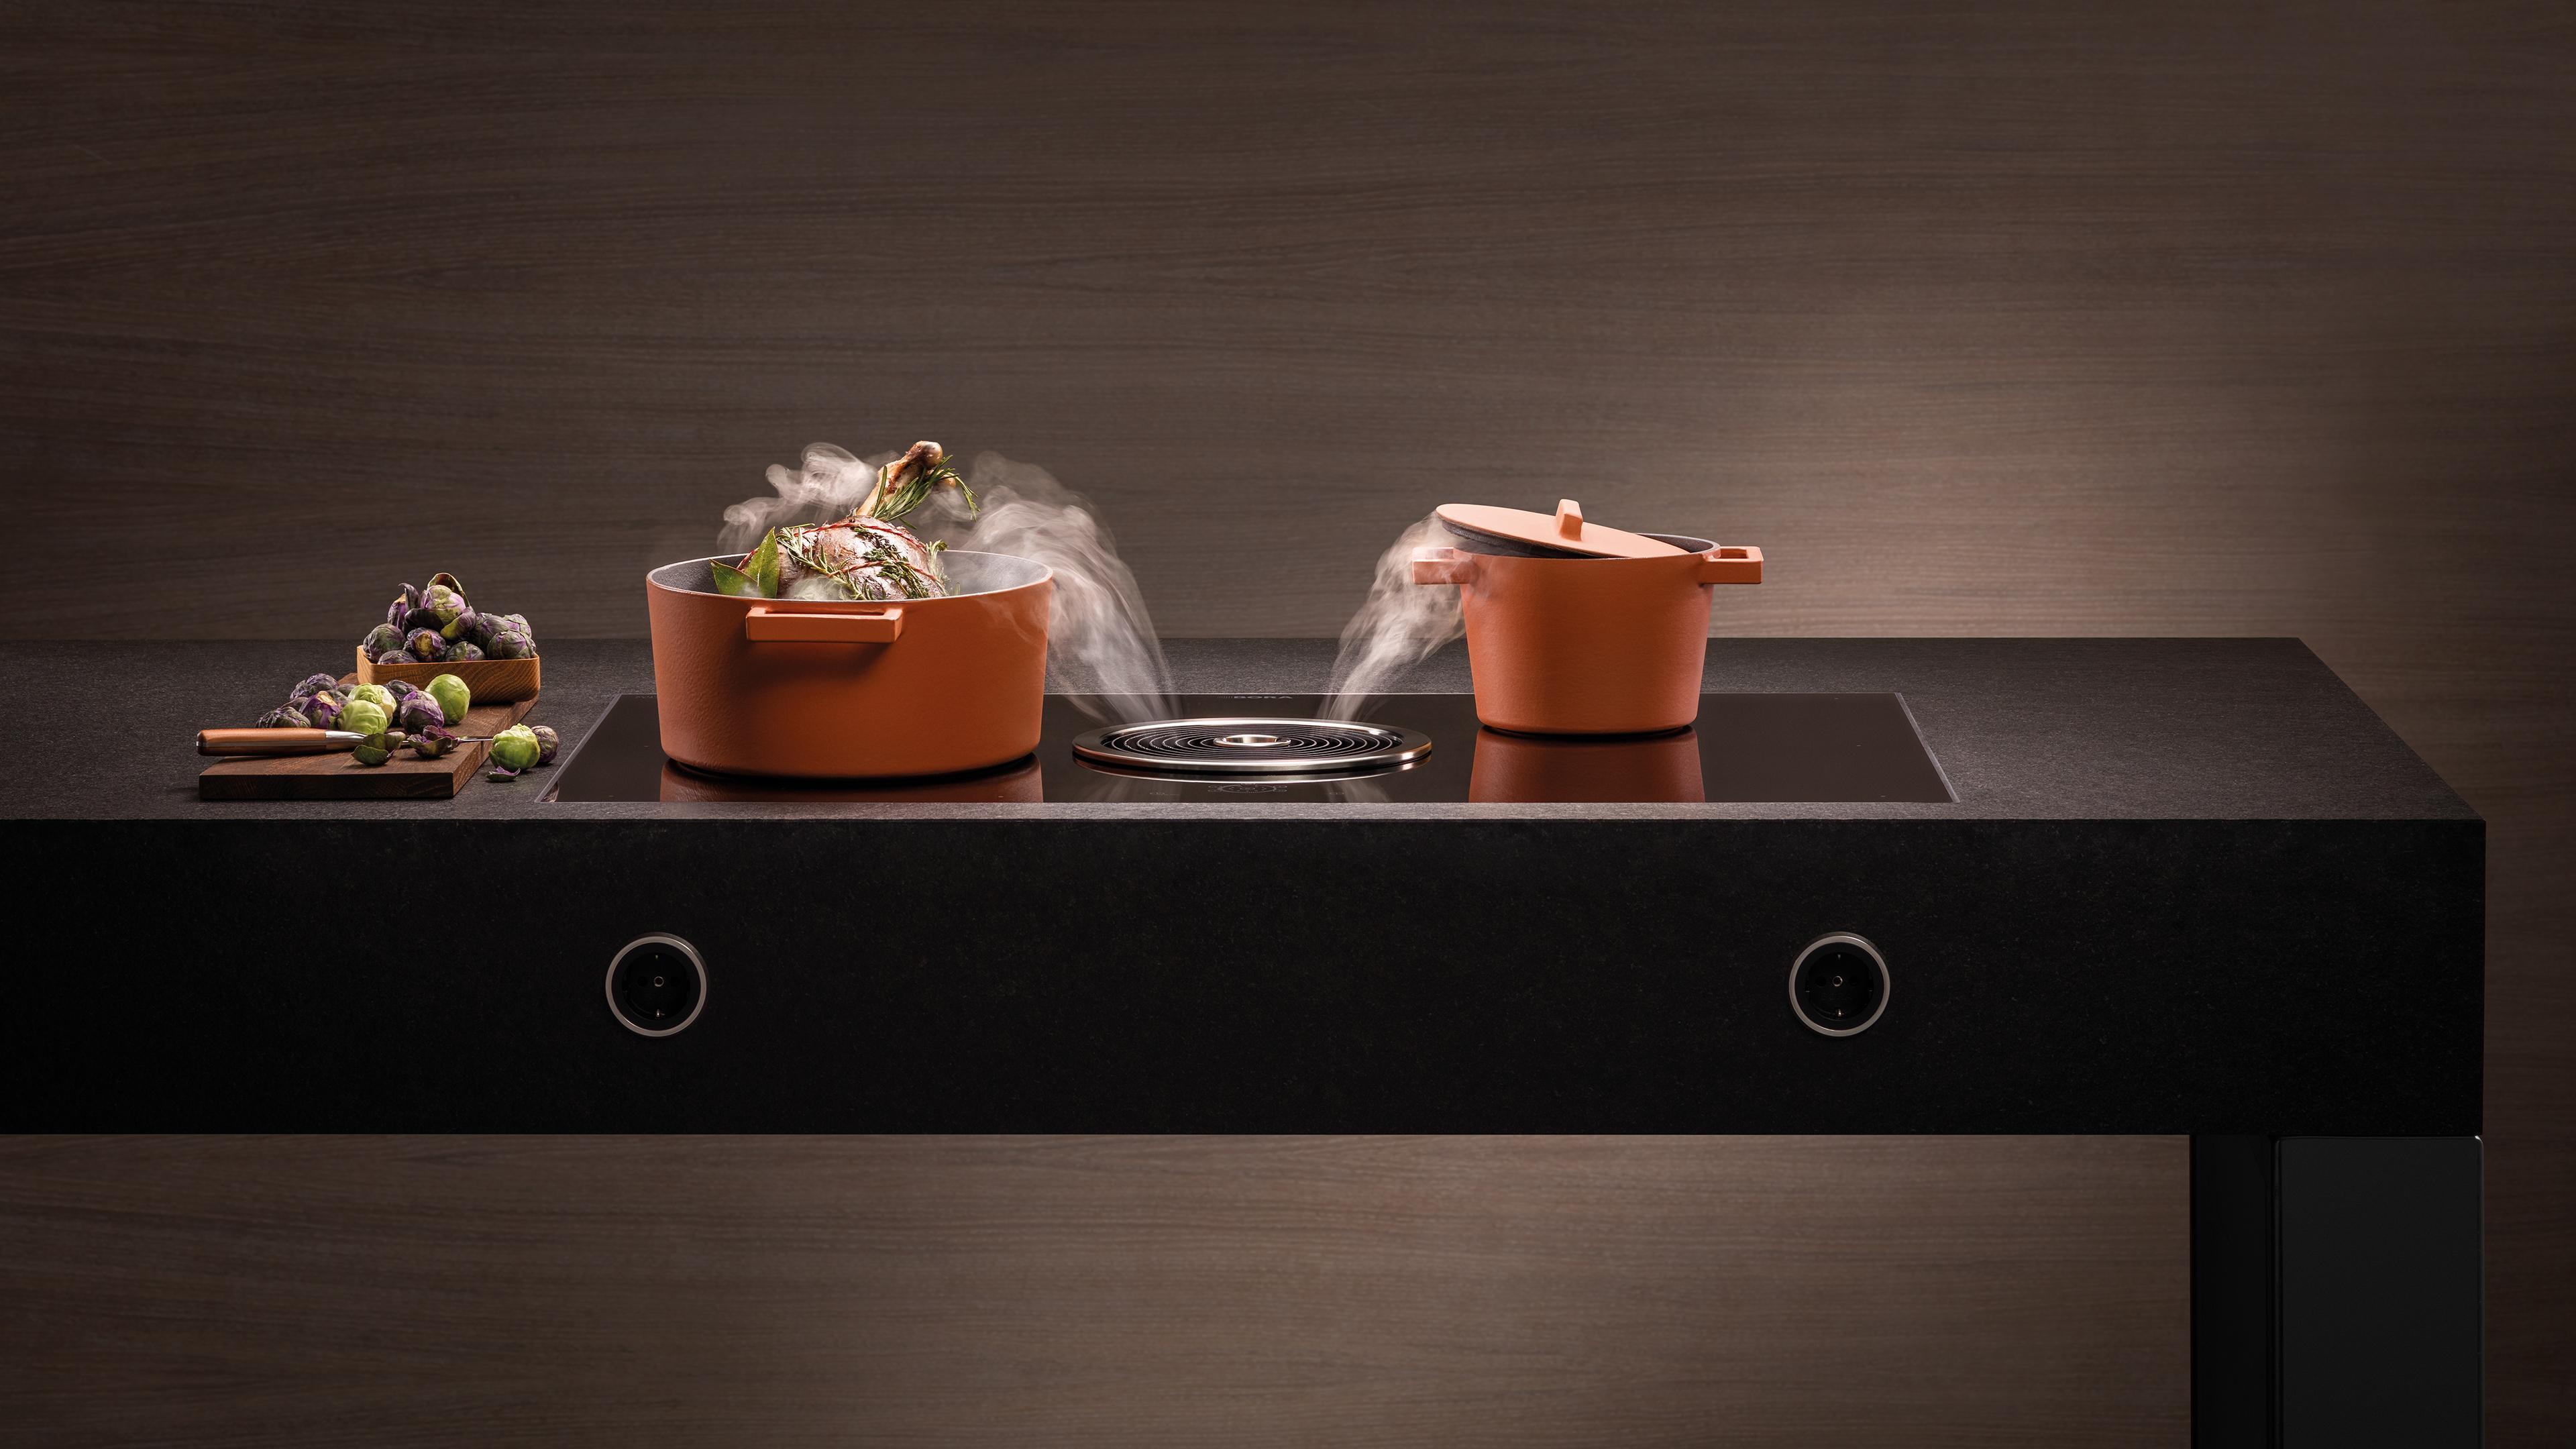 Cuisson et aspiration vapeurs et odeurs aliments BORA le professionnel de l'électroménager pour cuisines